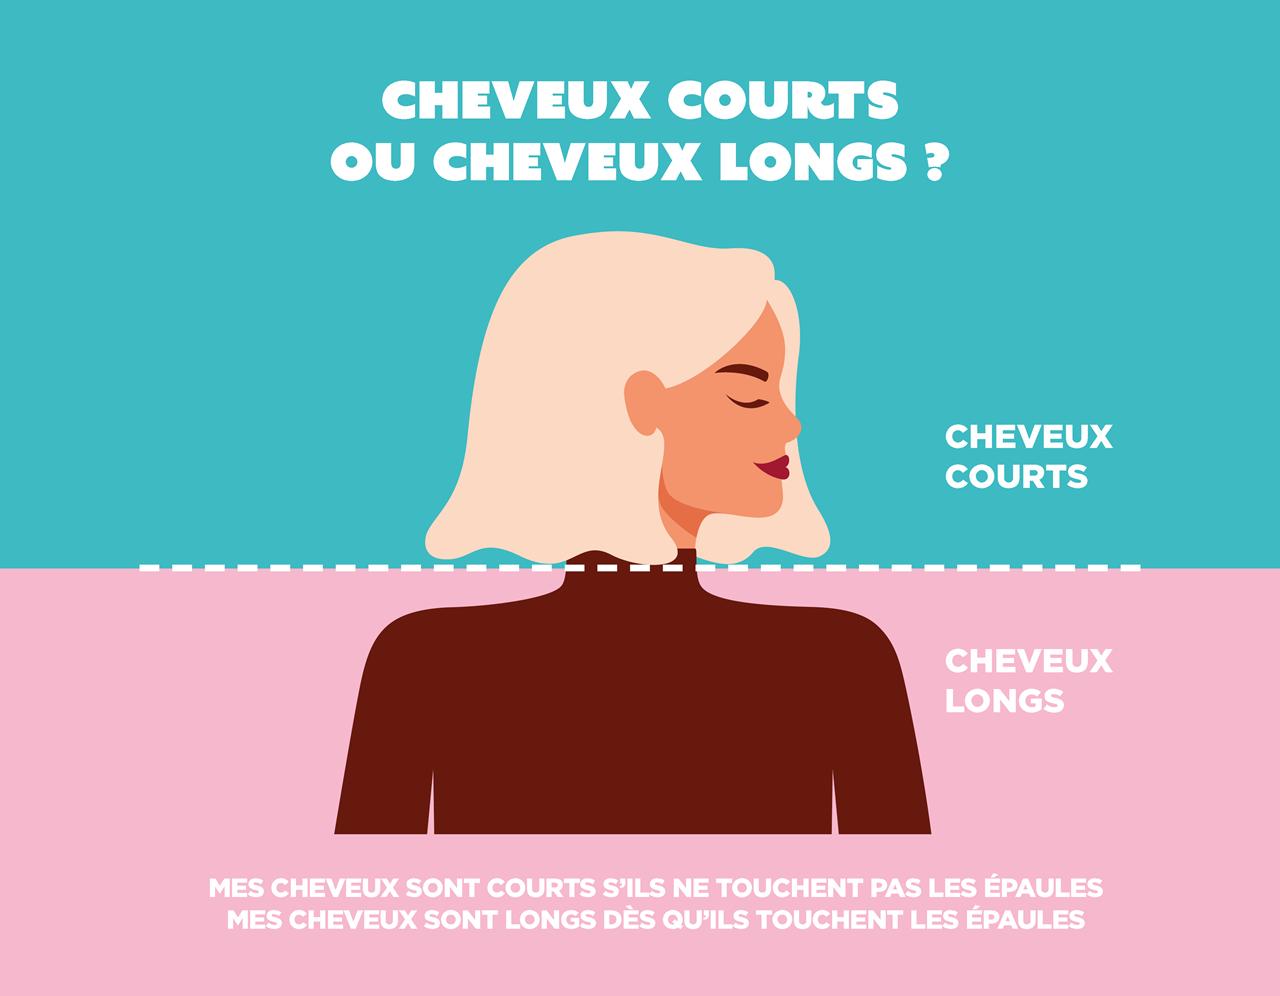 TCHIP COUPE COURT AUX PRÉJUGÉS !